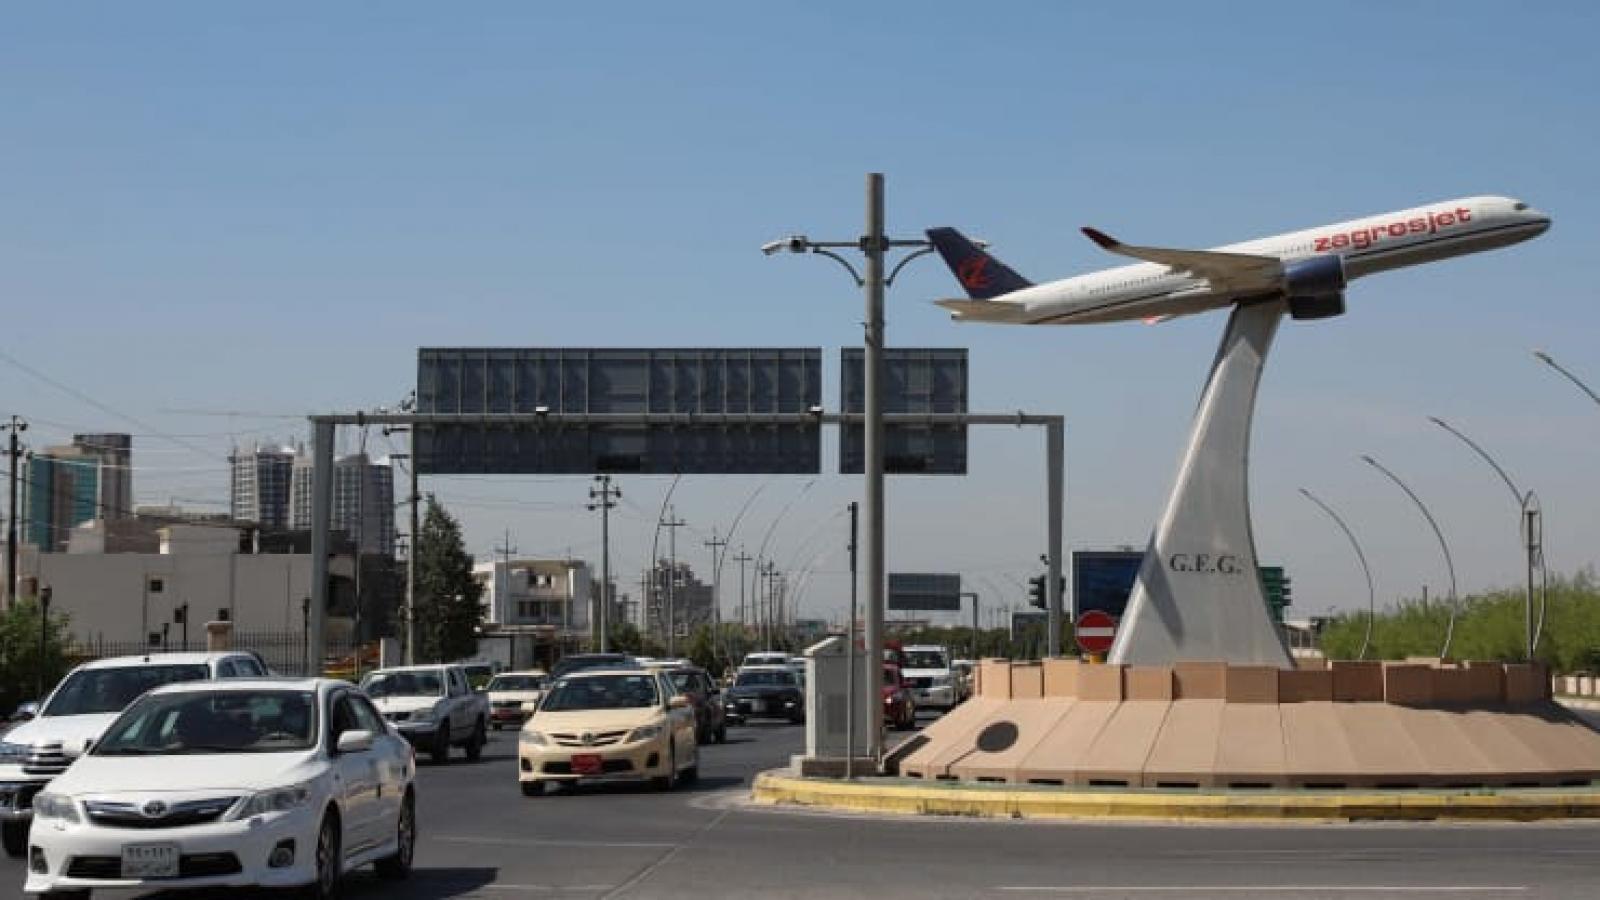 Thiết bị bay không người lái mang theo chất nổ tấn công sân bay quốc tế Erbil (Iraq)